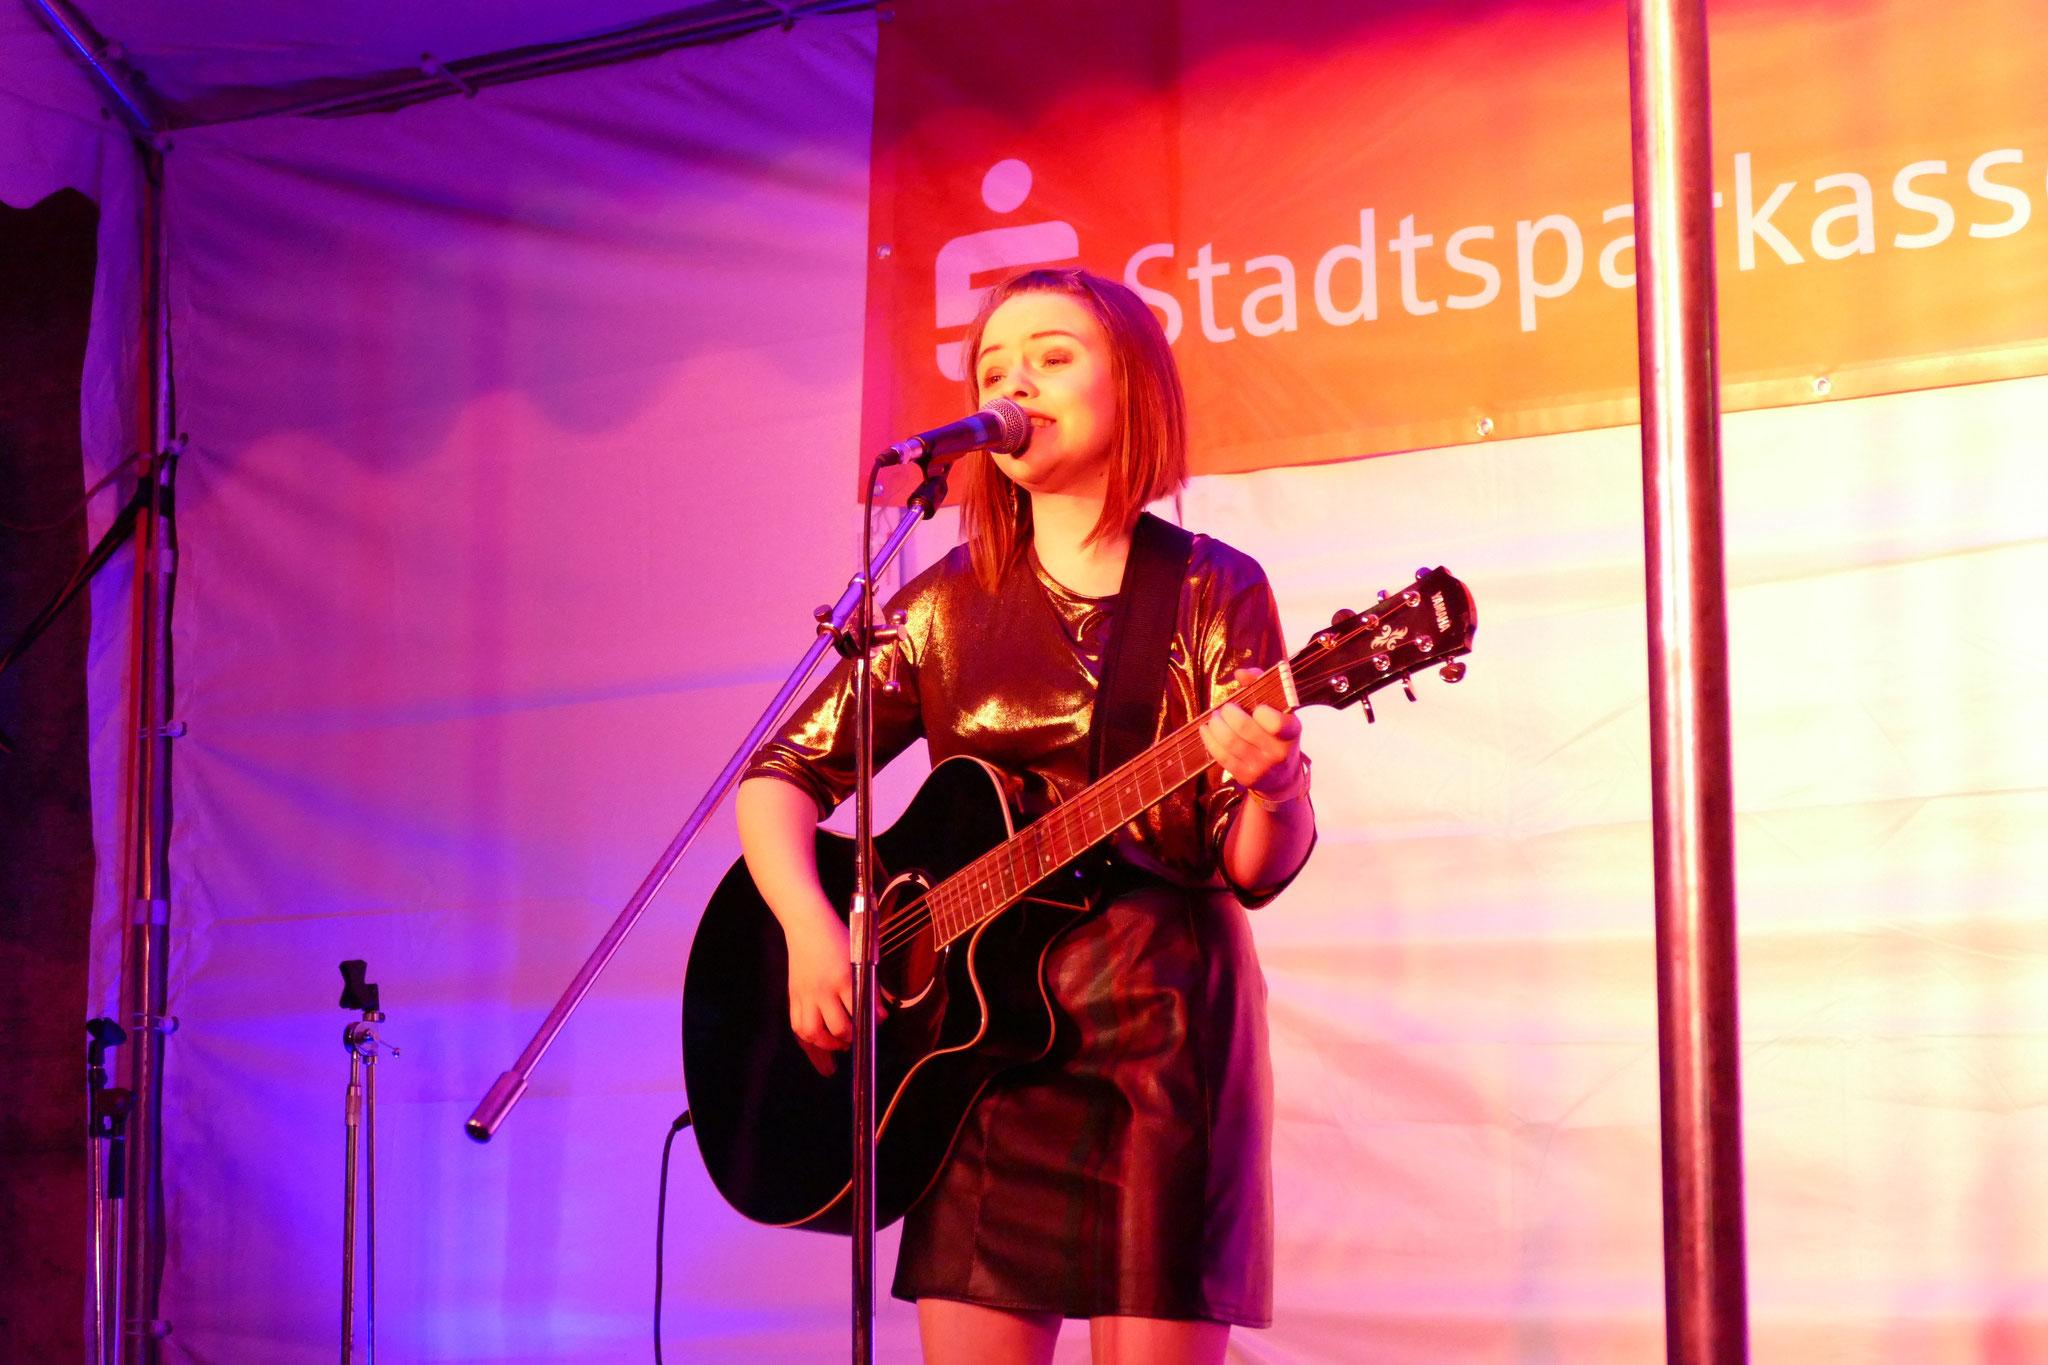 Konzerte im Bürgerhof 06.07.17 Stacia - Freiwilligen-Zentrum Augsburg - Foto: Christoph Urban